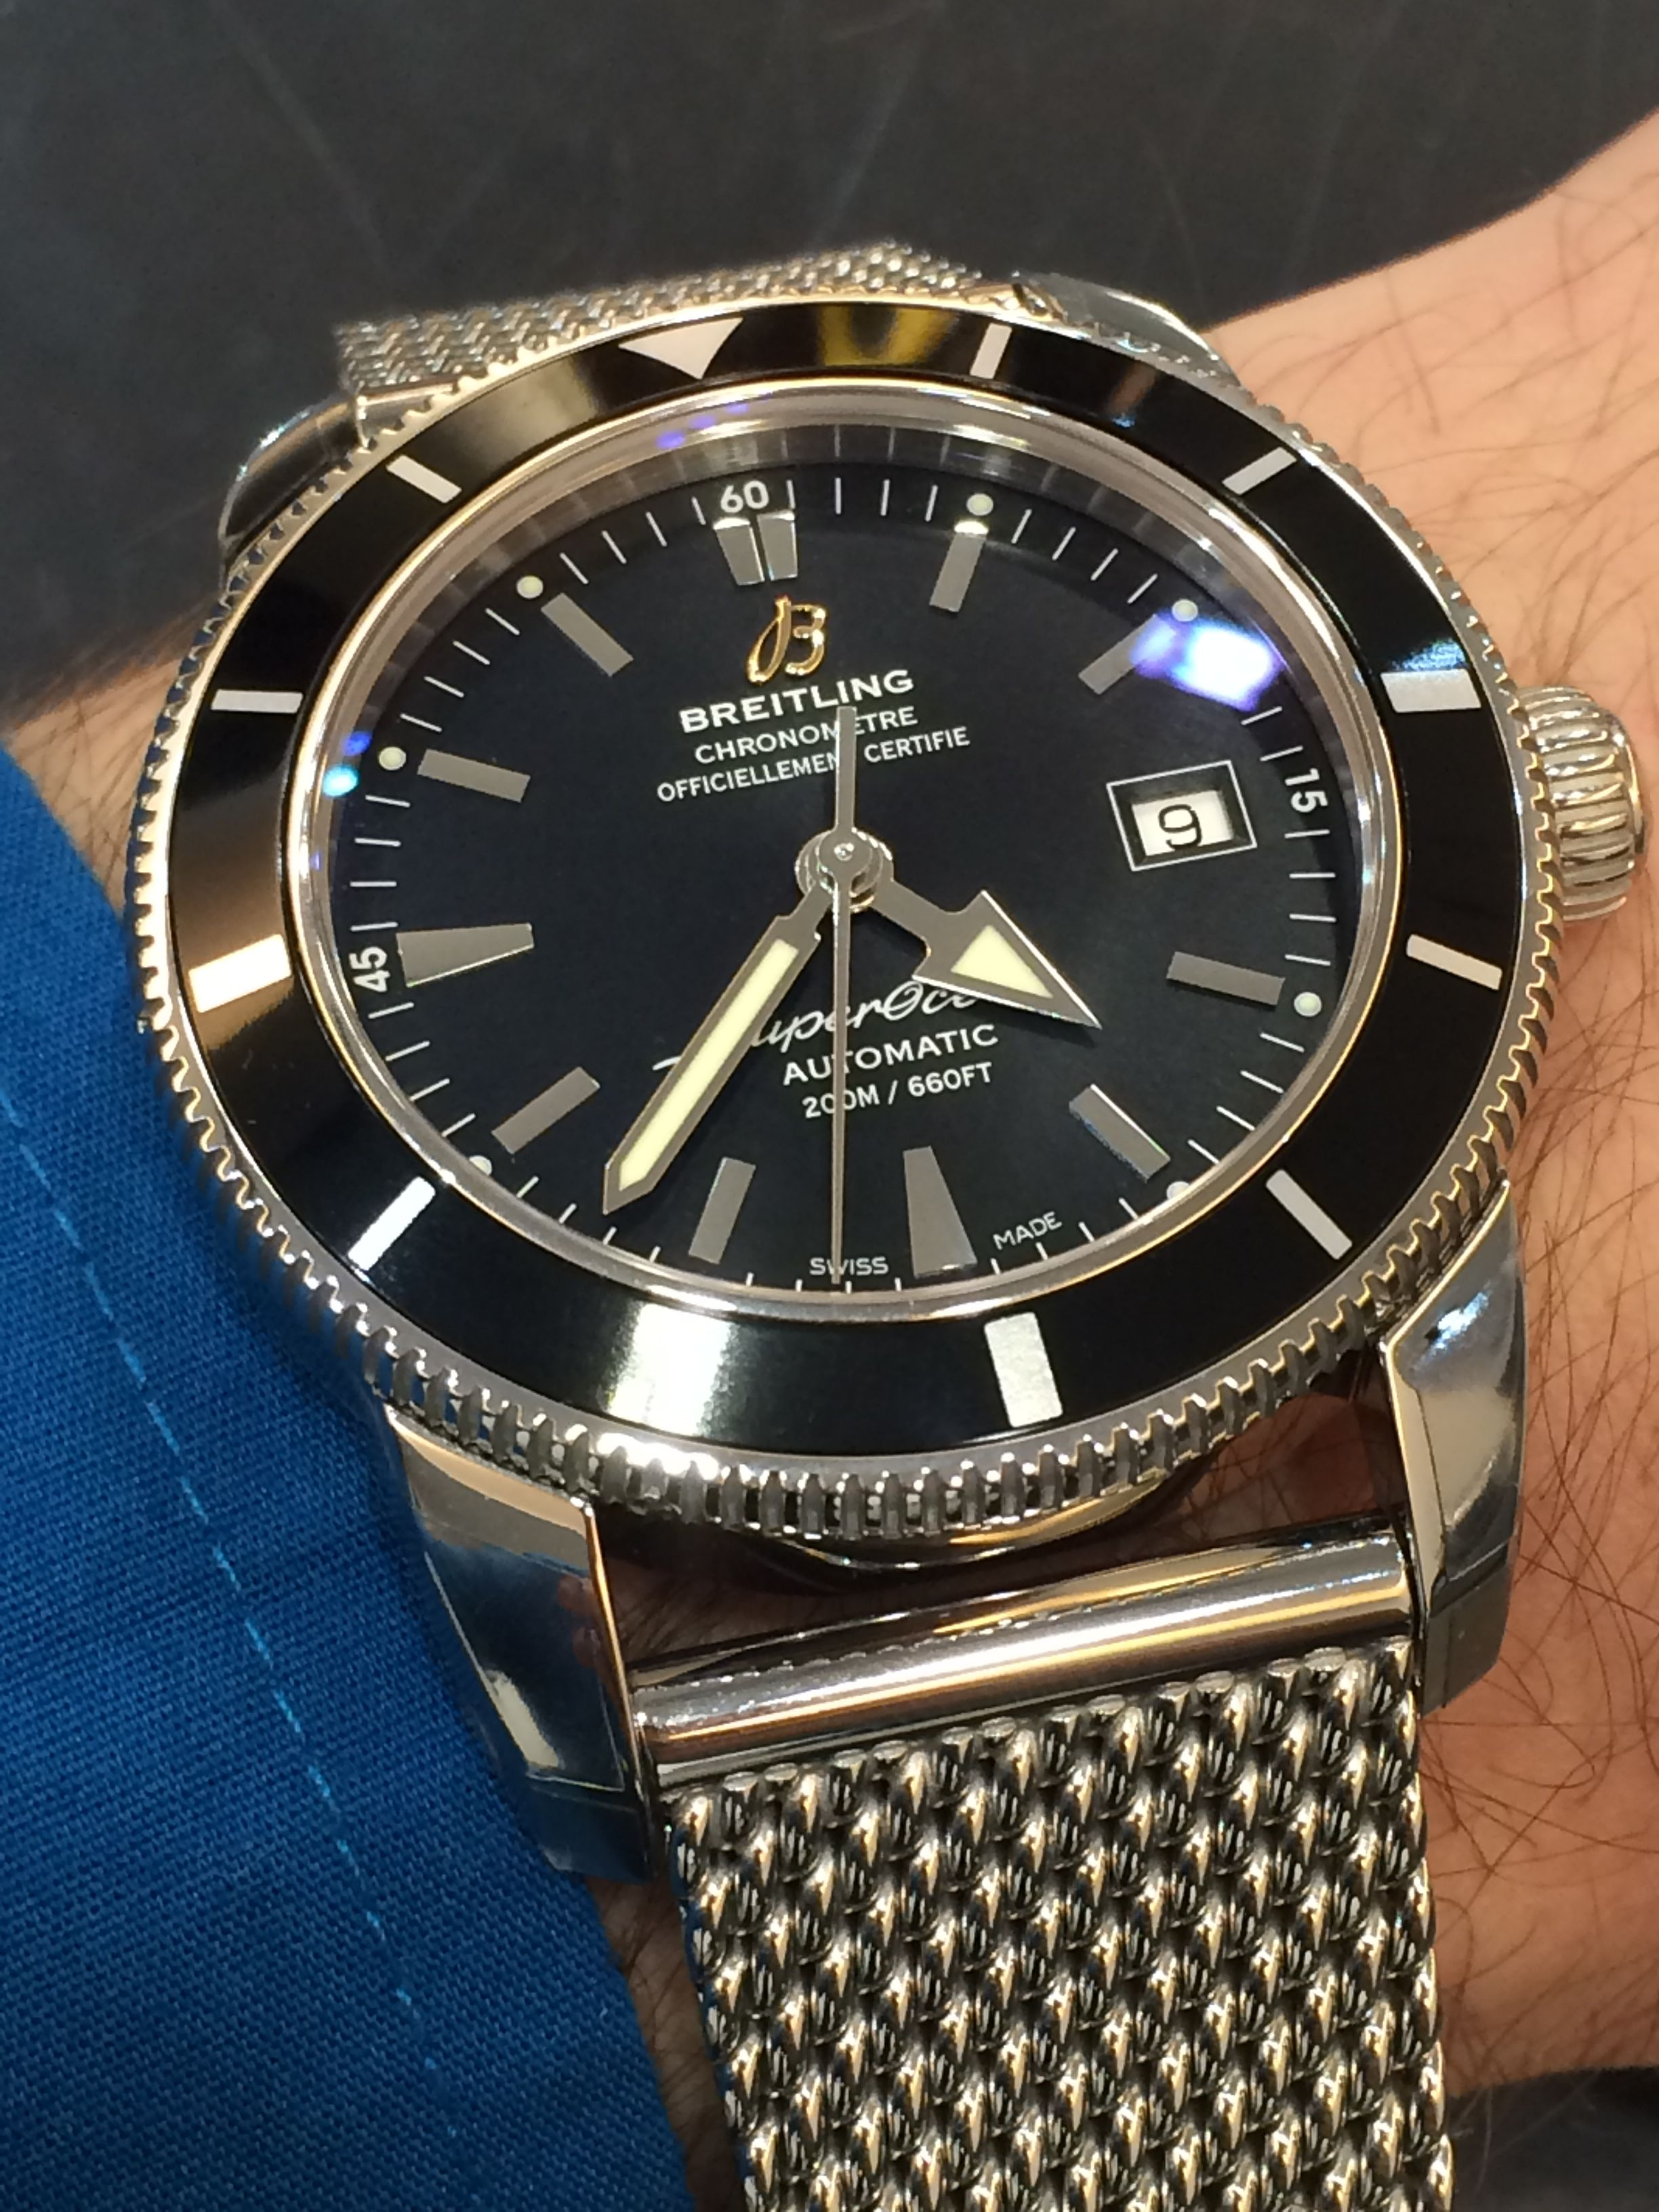 Breitling Superocean Heritage 46 mm black